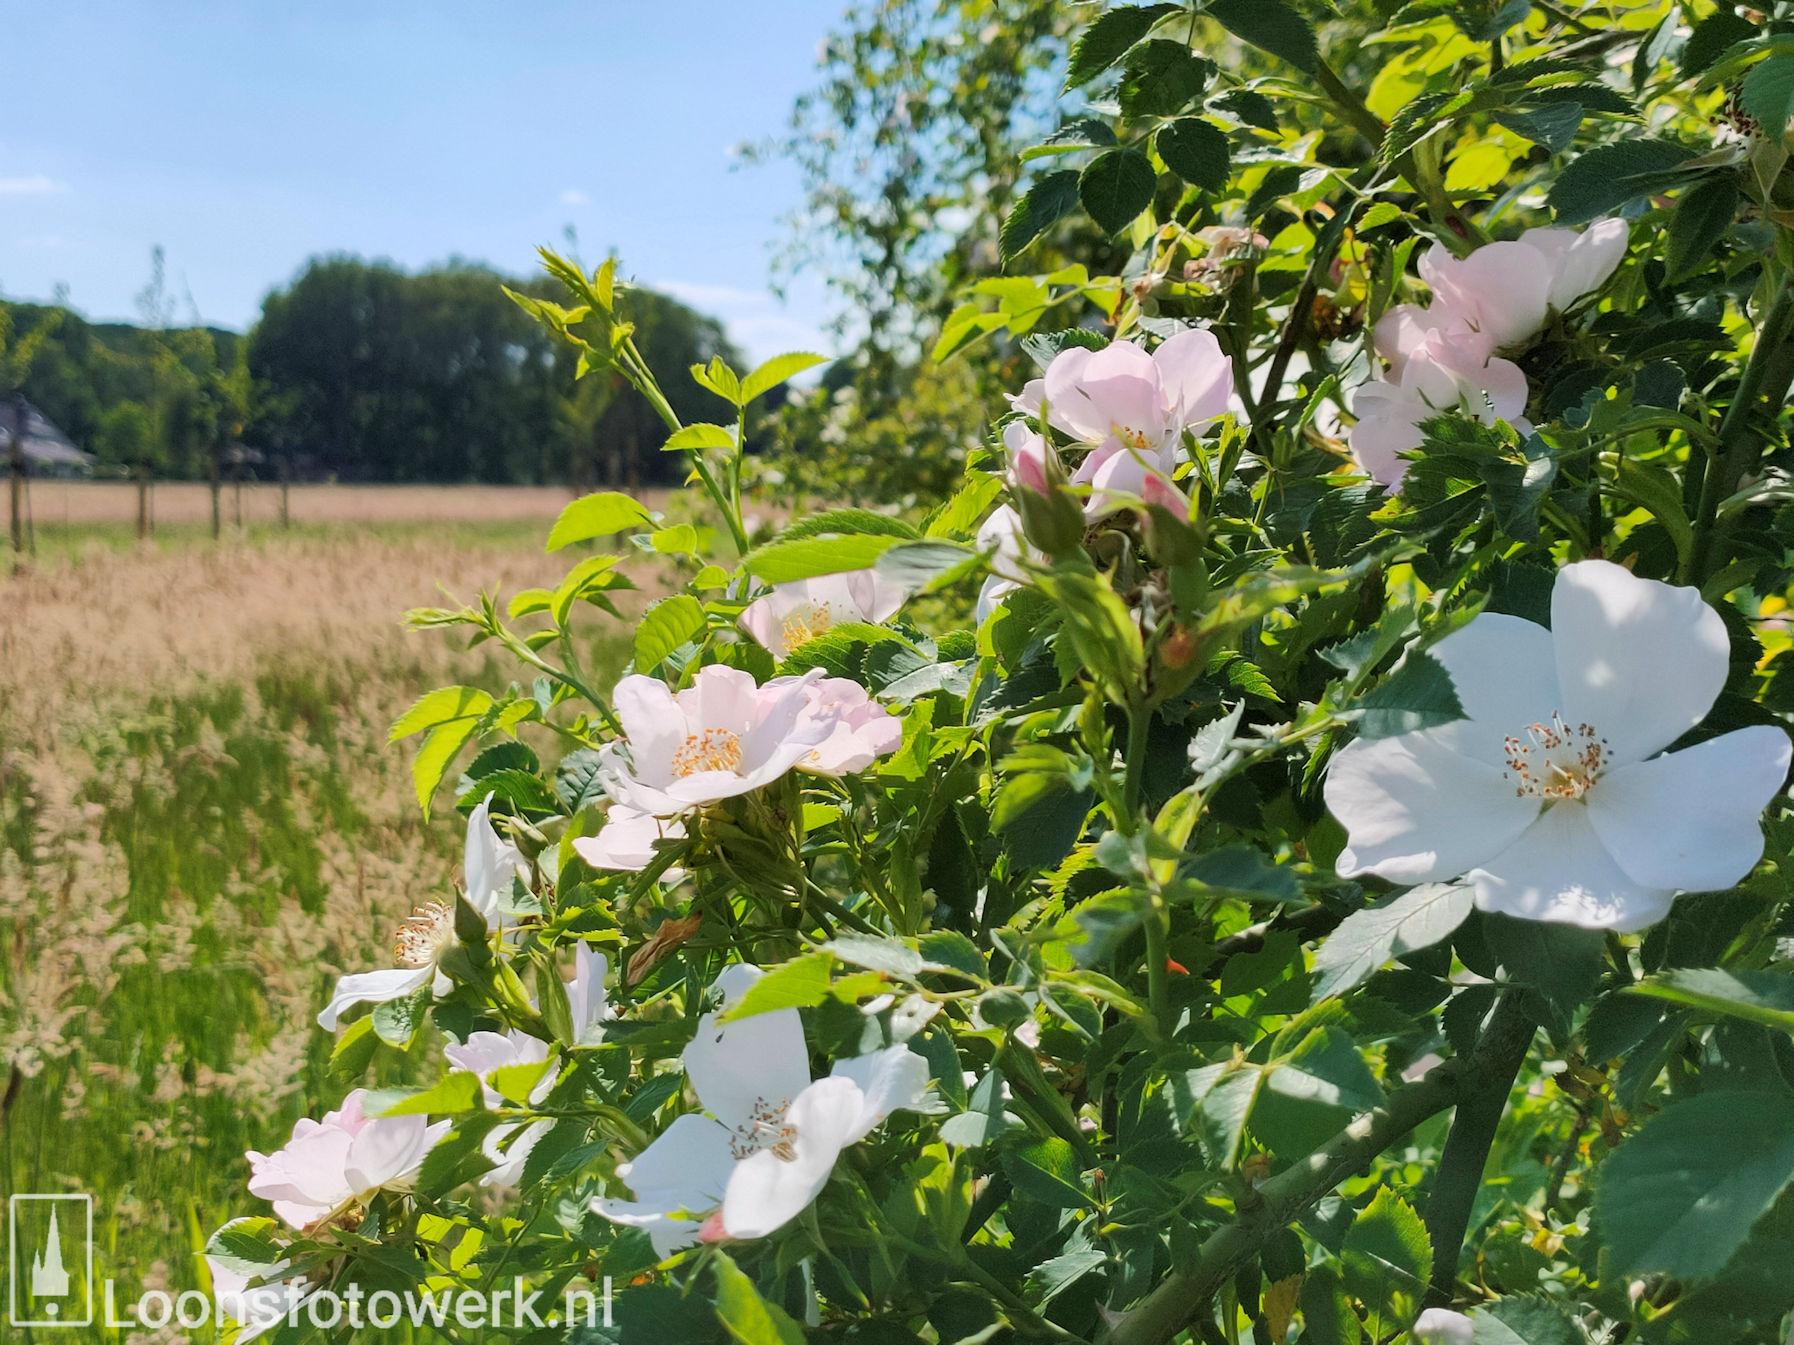 Bloemenweide Moleneind 14